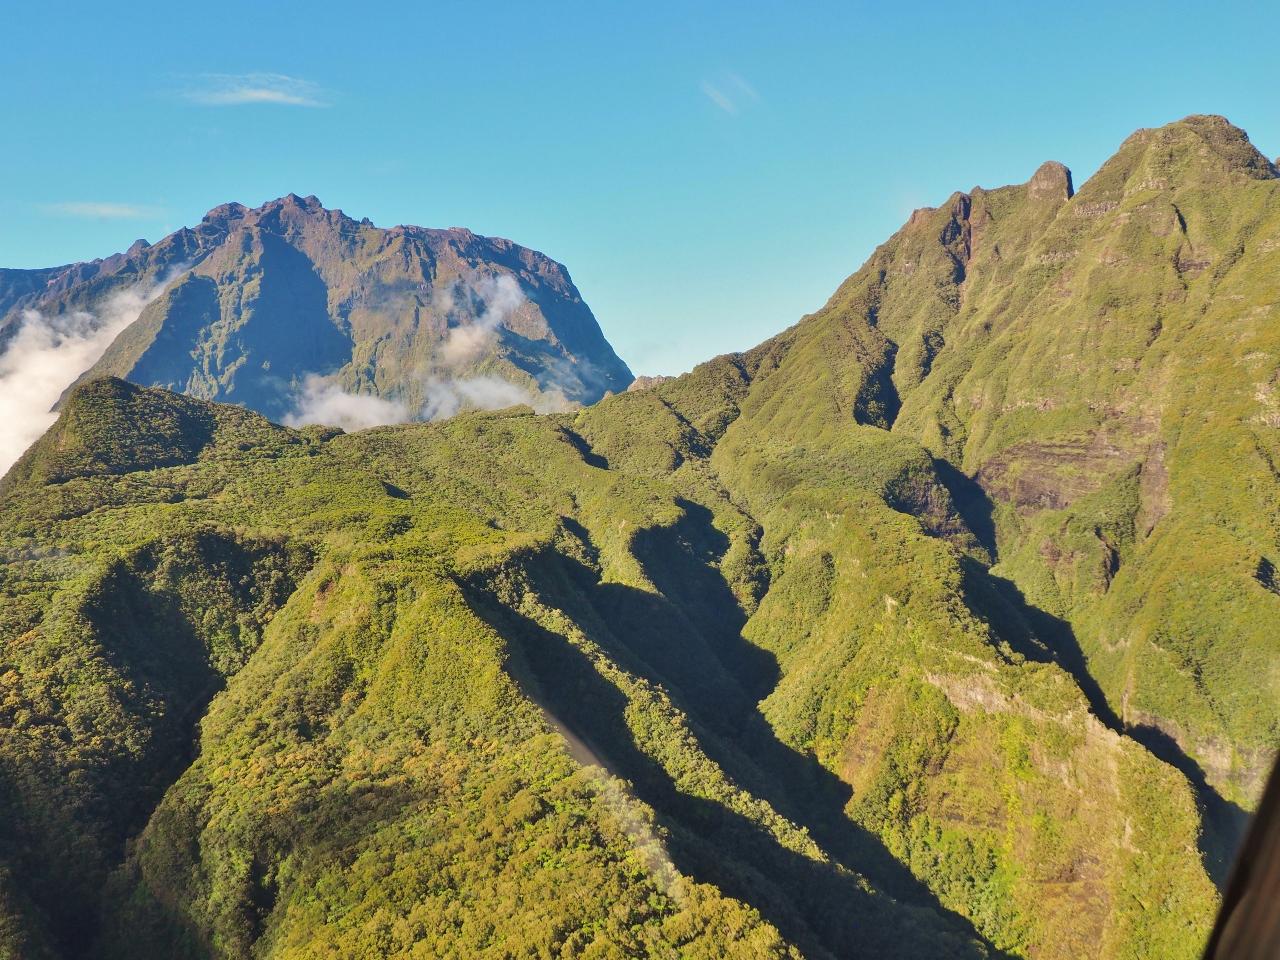 Les cirques à la Réunion depuis l'hélicoptère